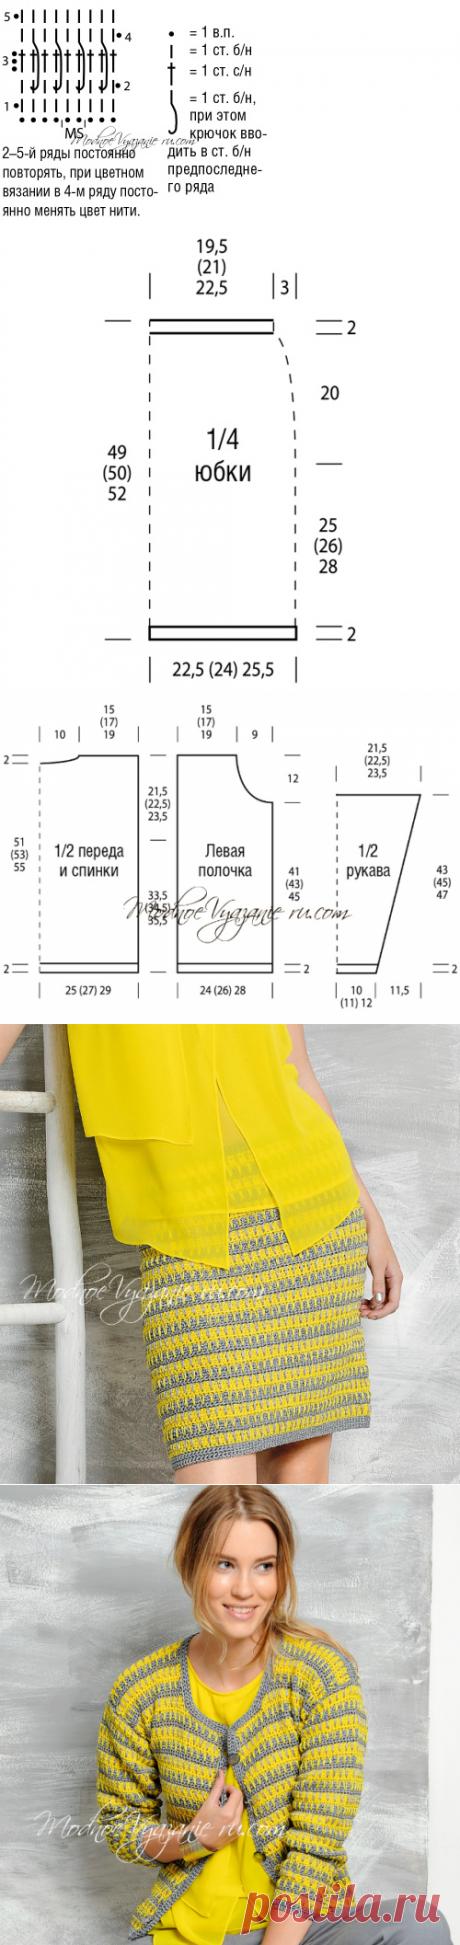 Юбка и жакет в полоску вязаные крючком - Crochet Modnoe Vyazanie